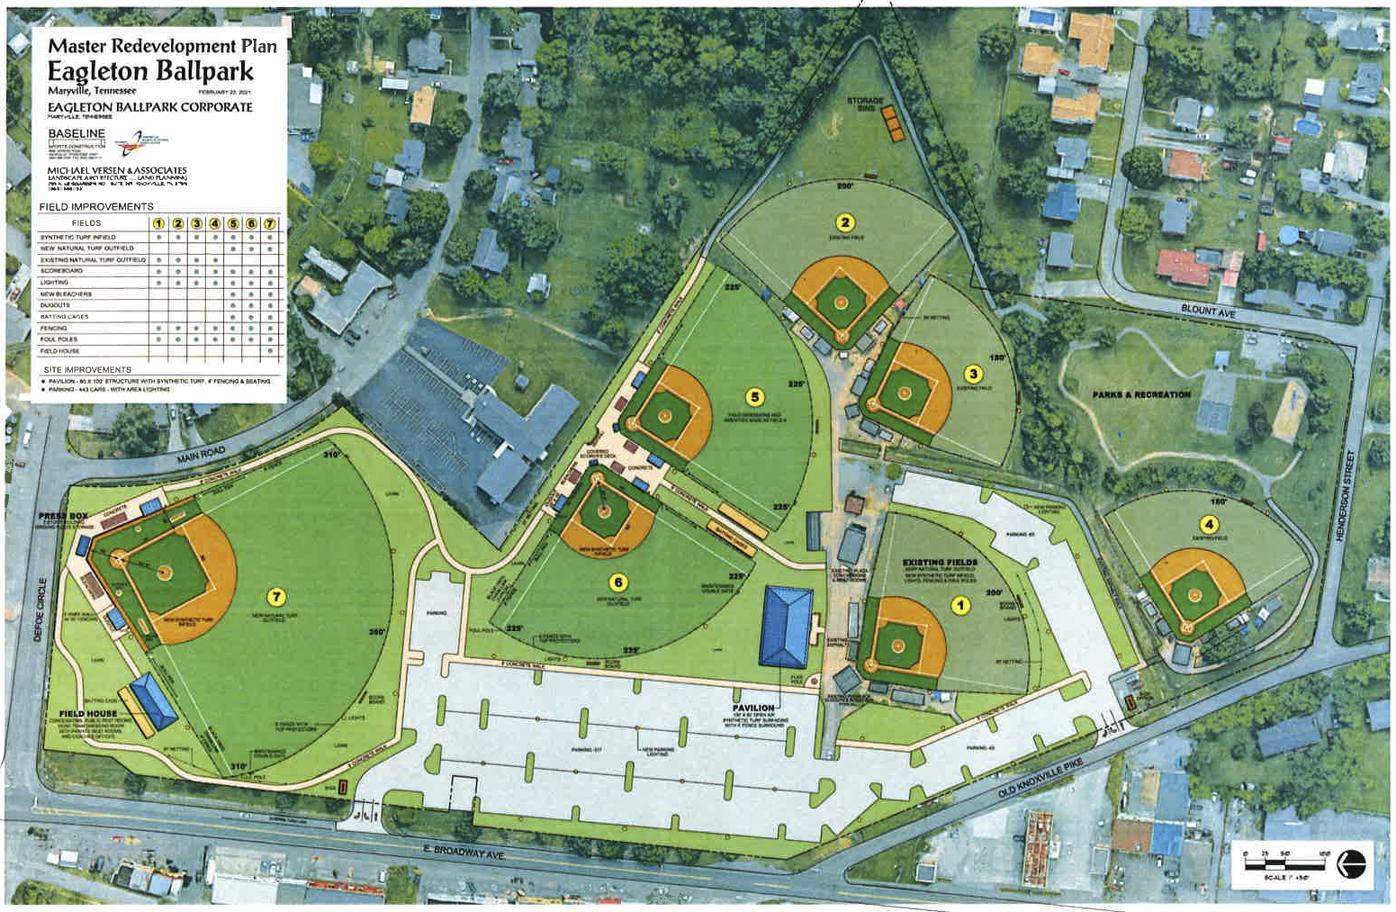 Eagleton Ball Park design